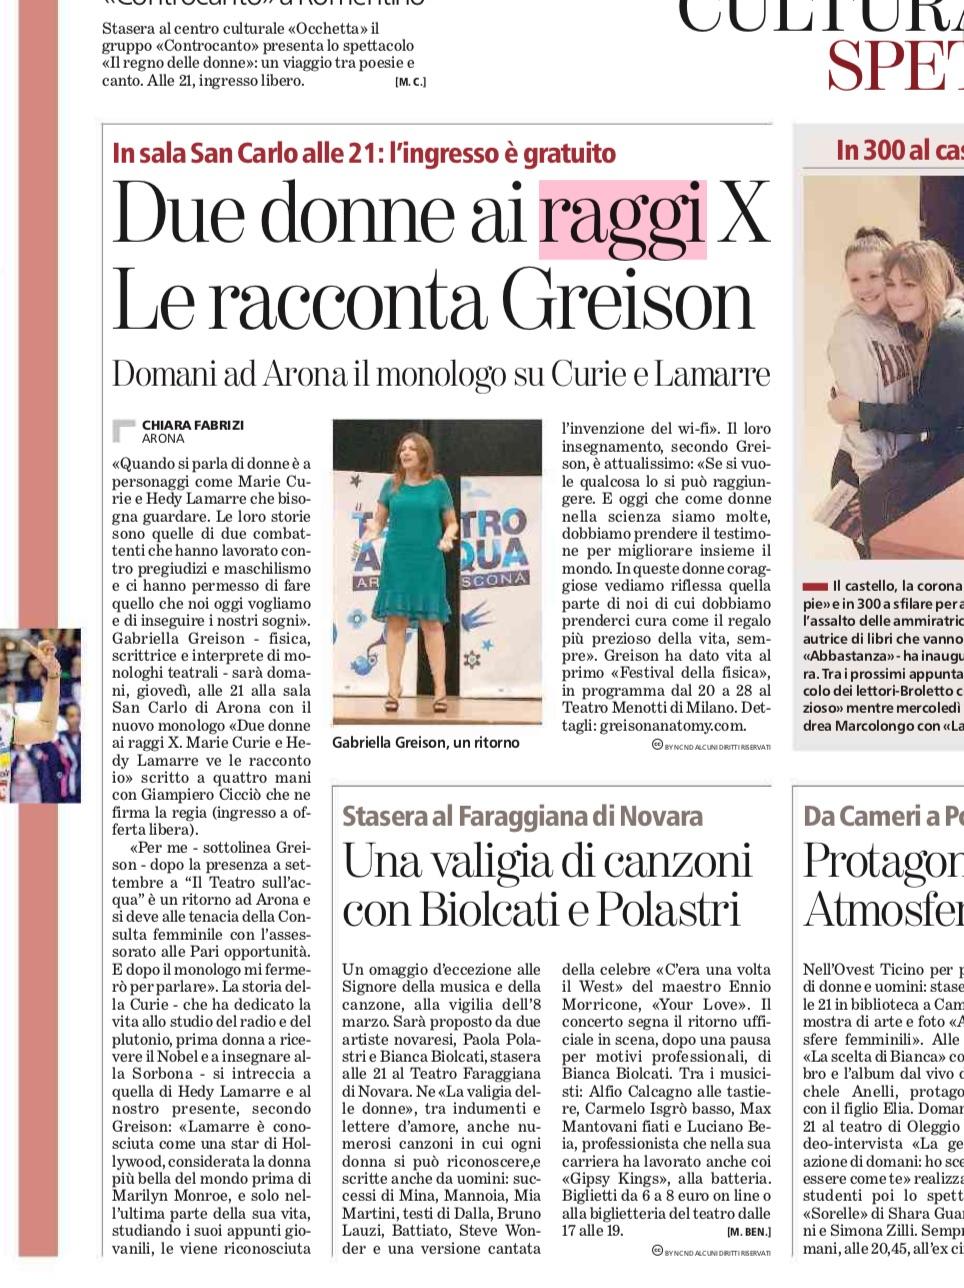 DUE DONNE AI RAGGI X ad Arona per la Festa della Donna! Bellissima serata… Prossime tappe vicino a Sondrio, a Trento, e Lecce!